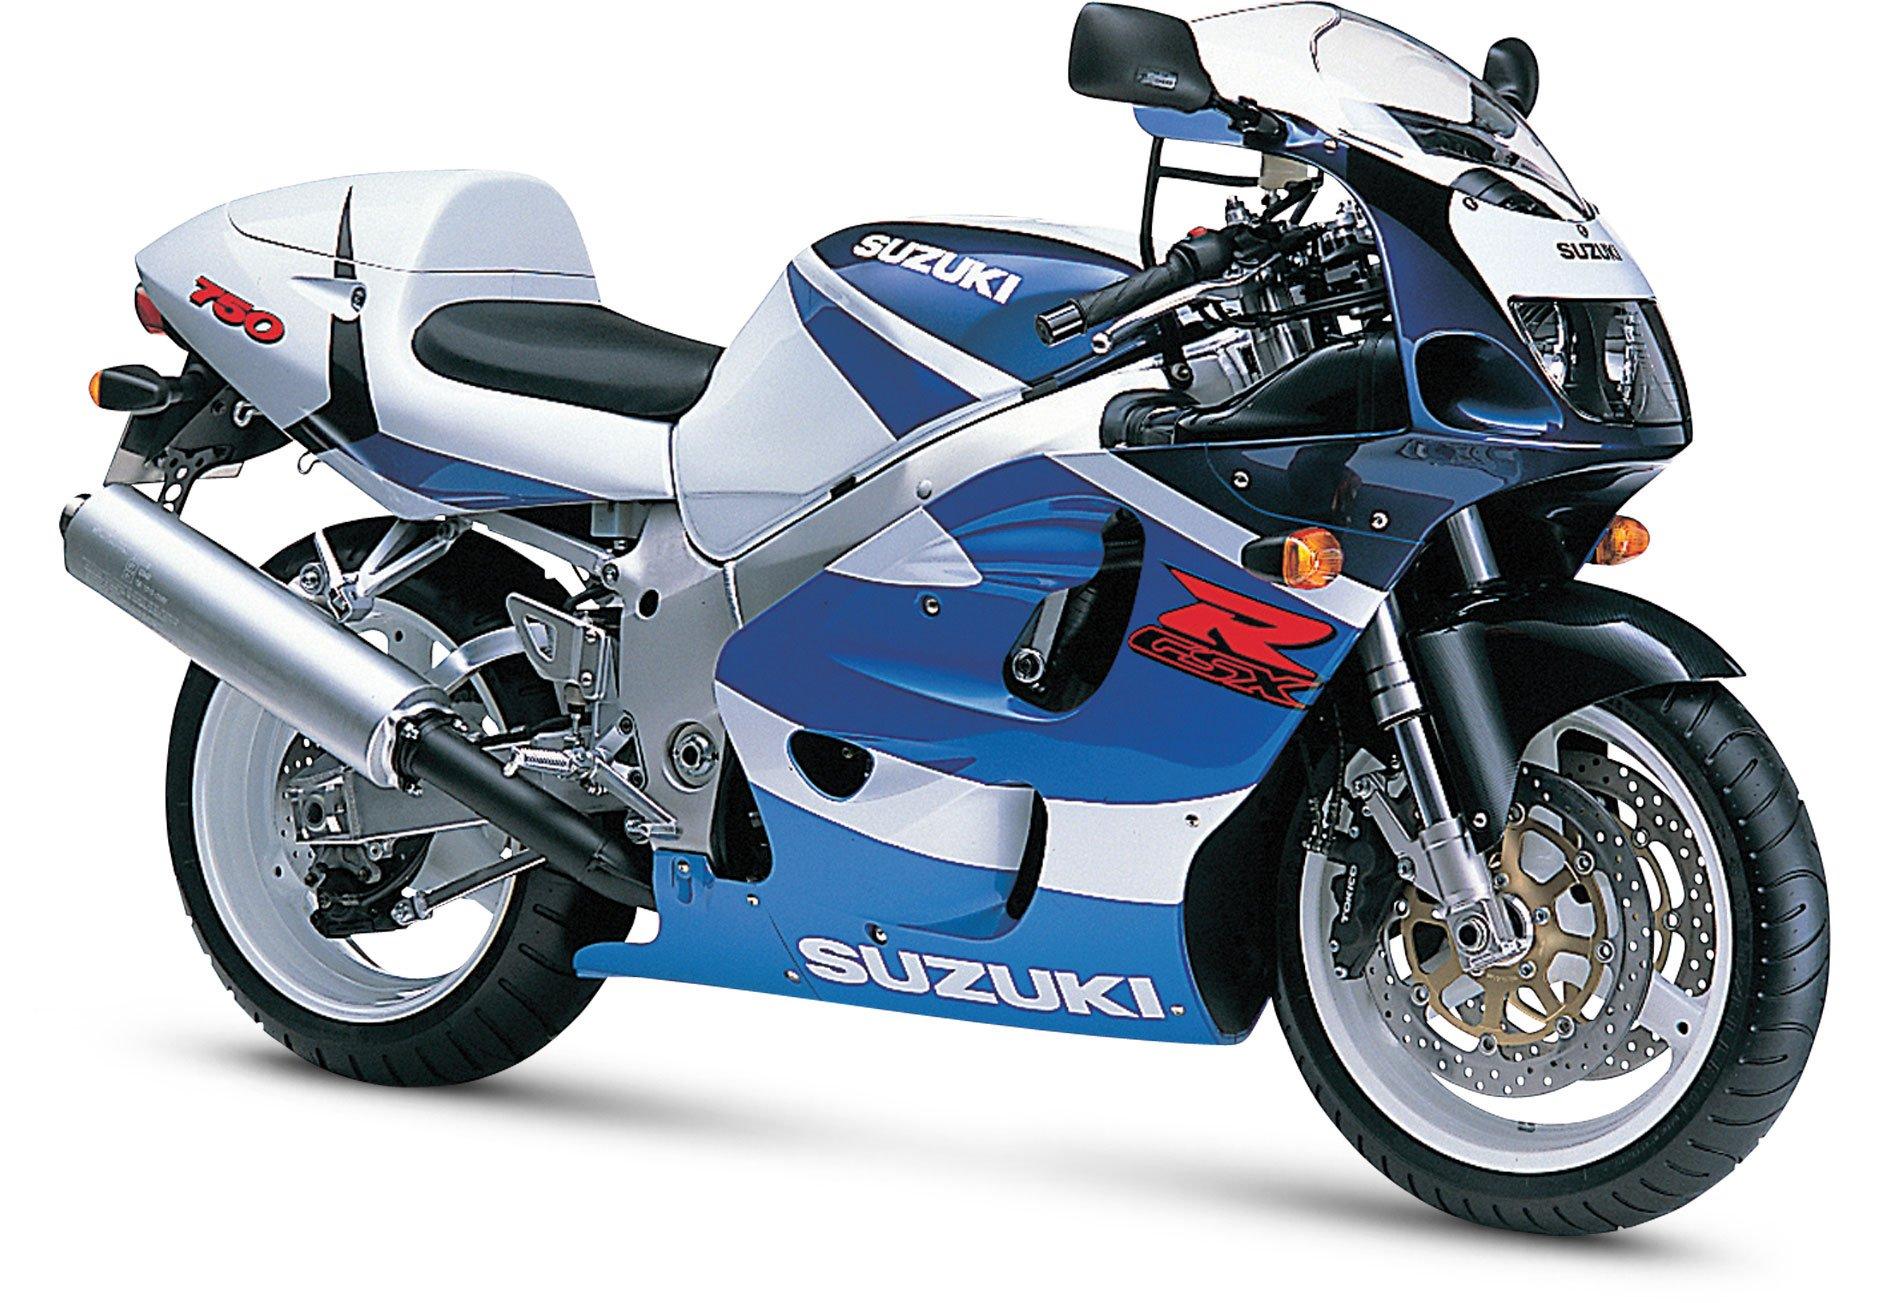 suzuki gsxr 750 - 1000×689